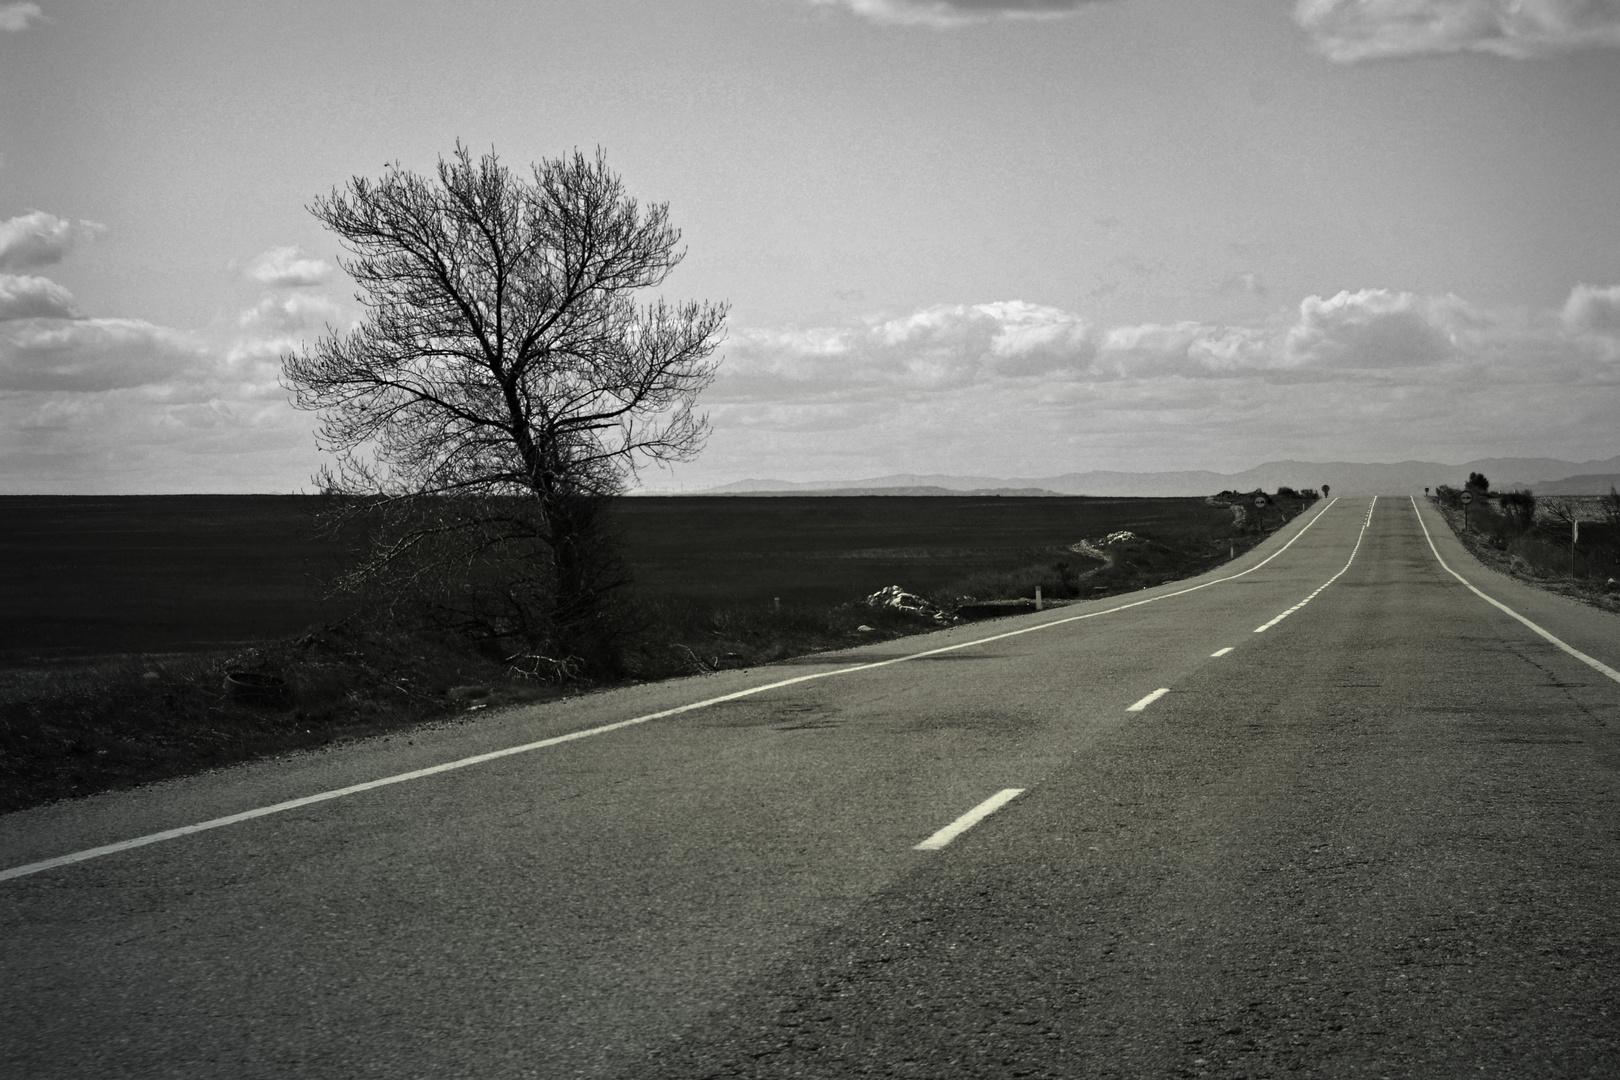 La carretera de la vida siempre mira hacia otro lado.